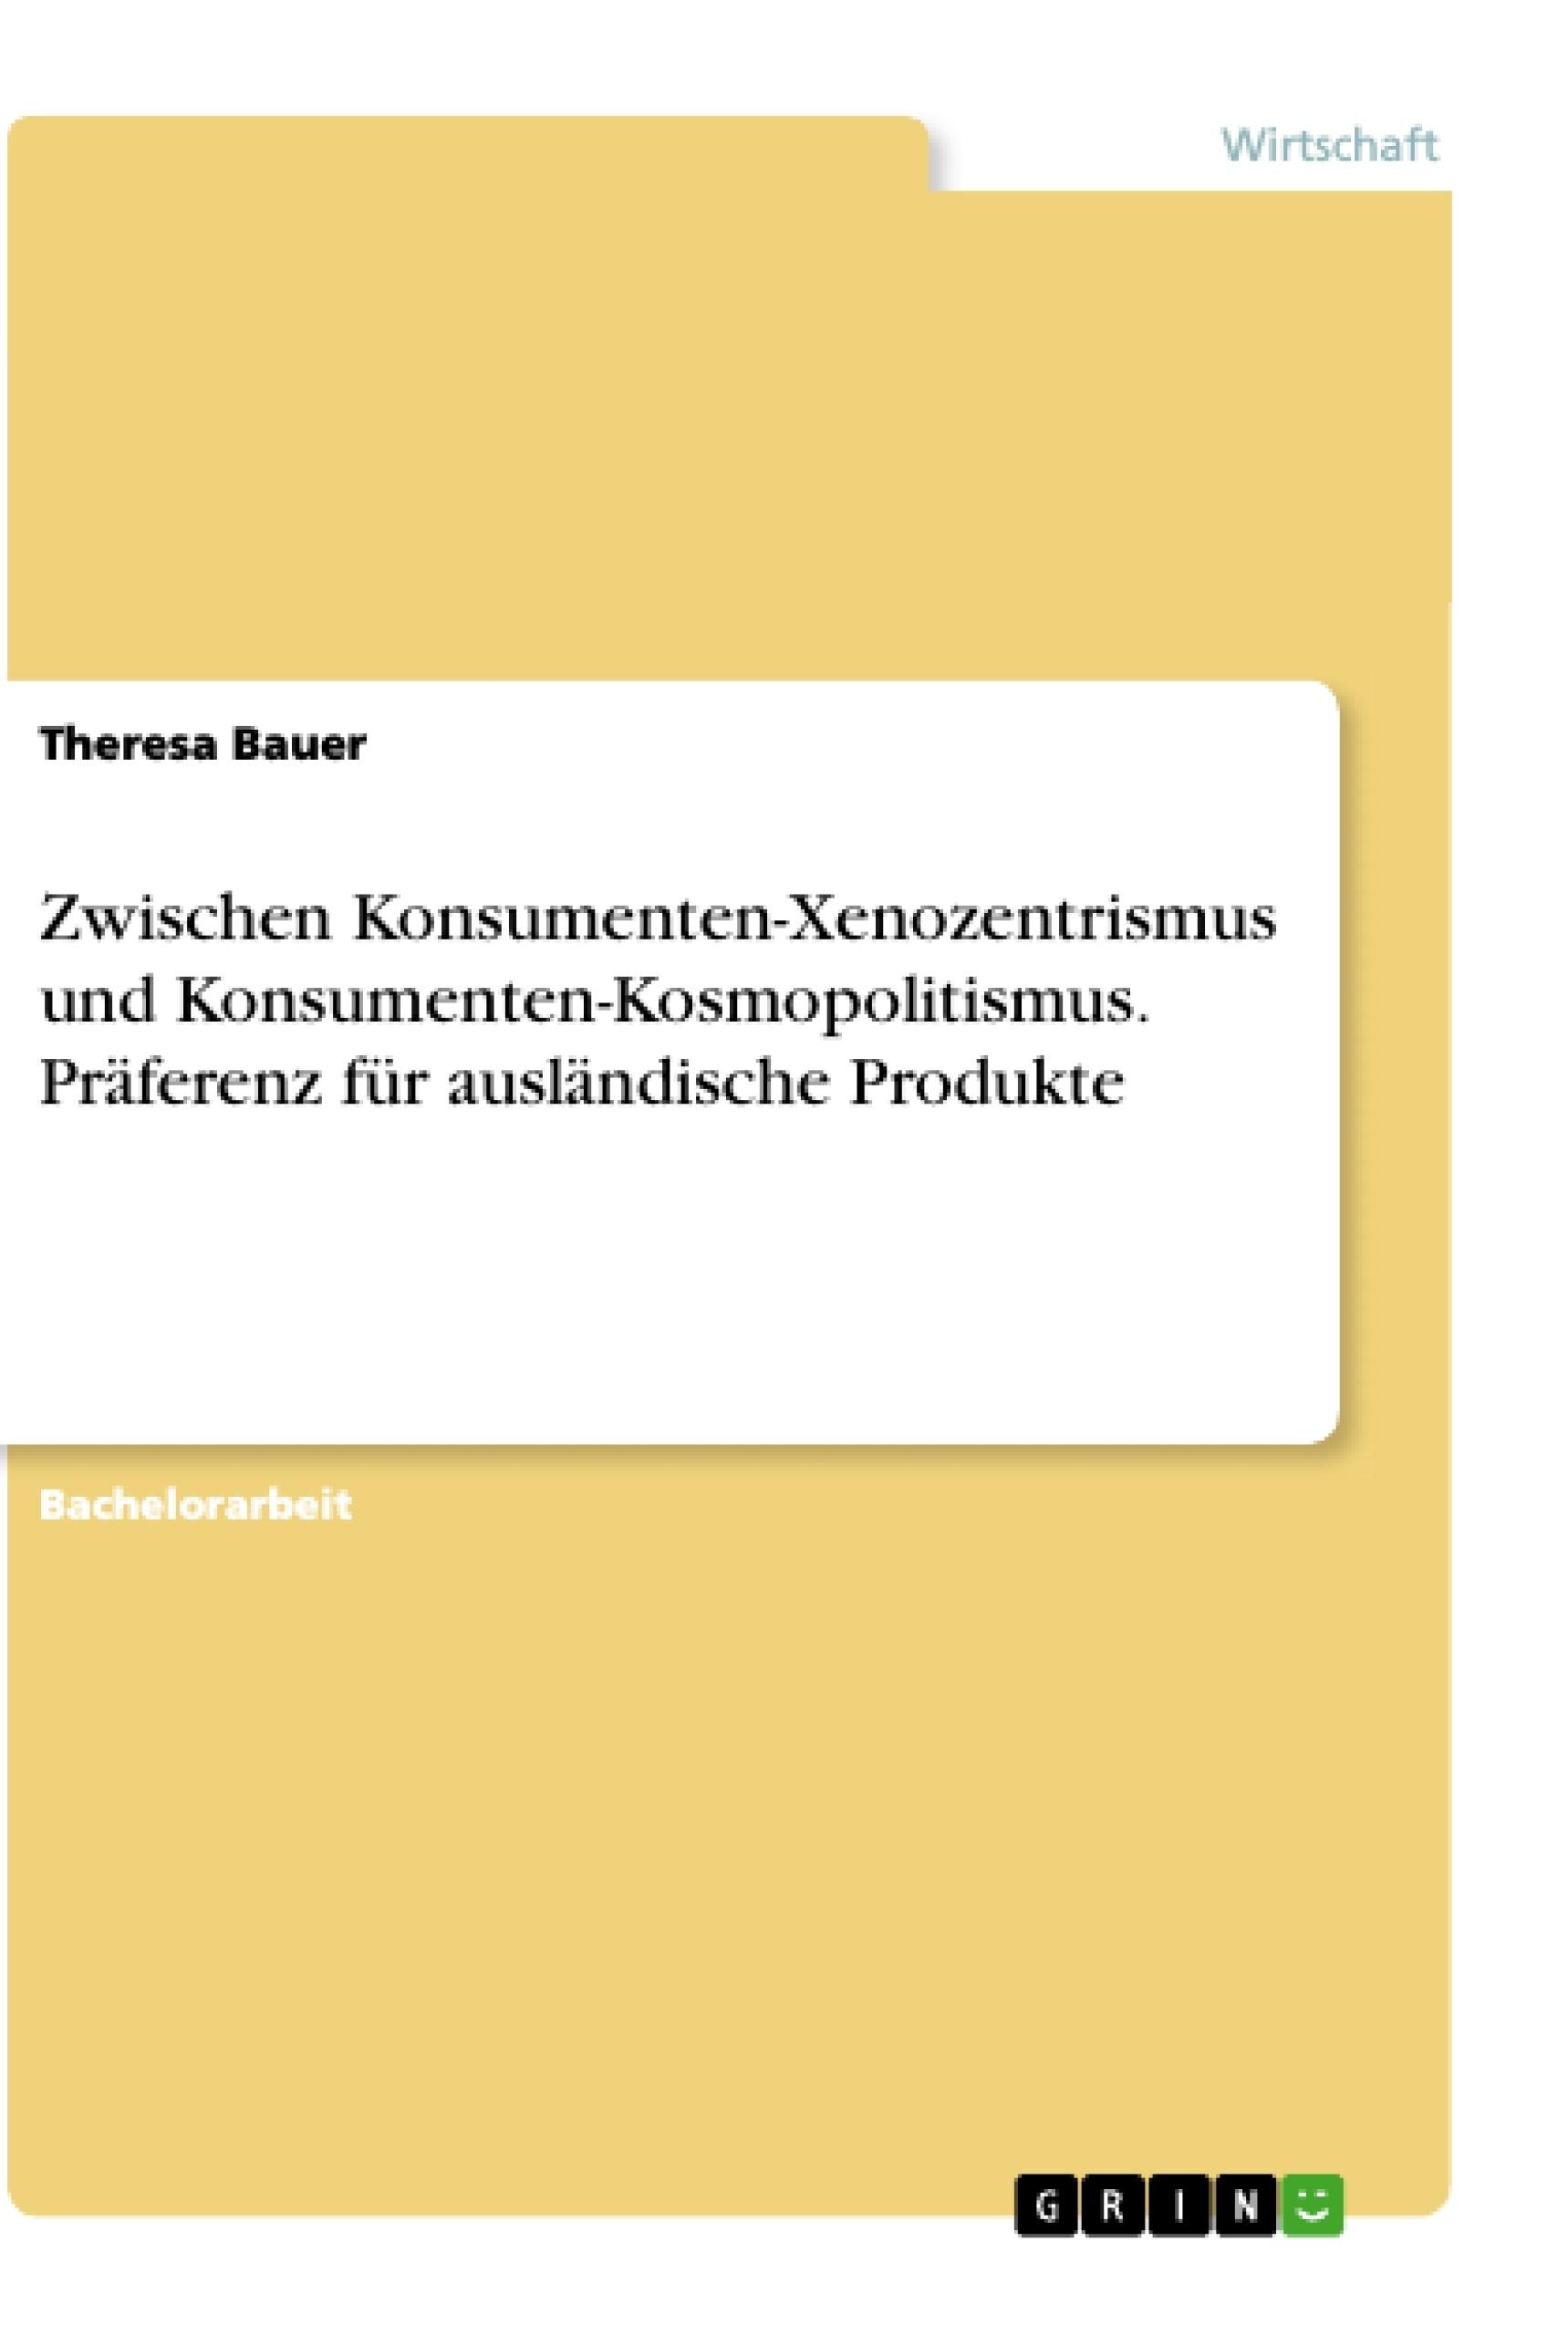 Titel: Zwischen Konsumenten-Xenozentrismus und Konsumenten-Kosmopolitismus. Präferenz für ausländische Produkte